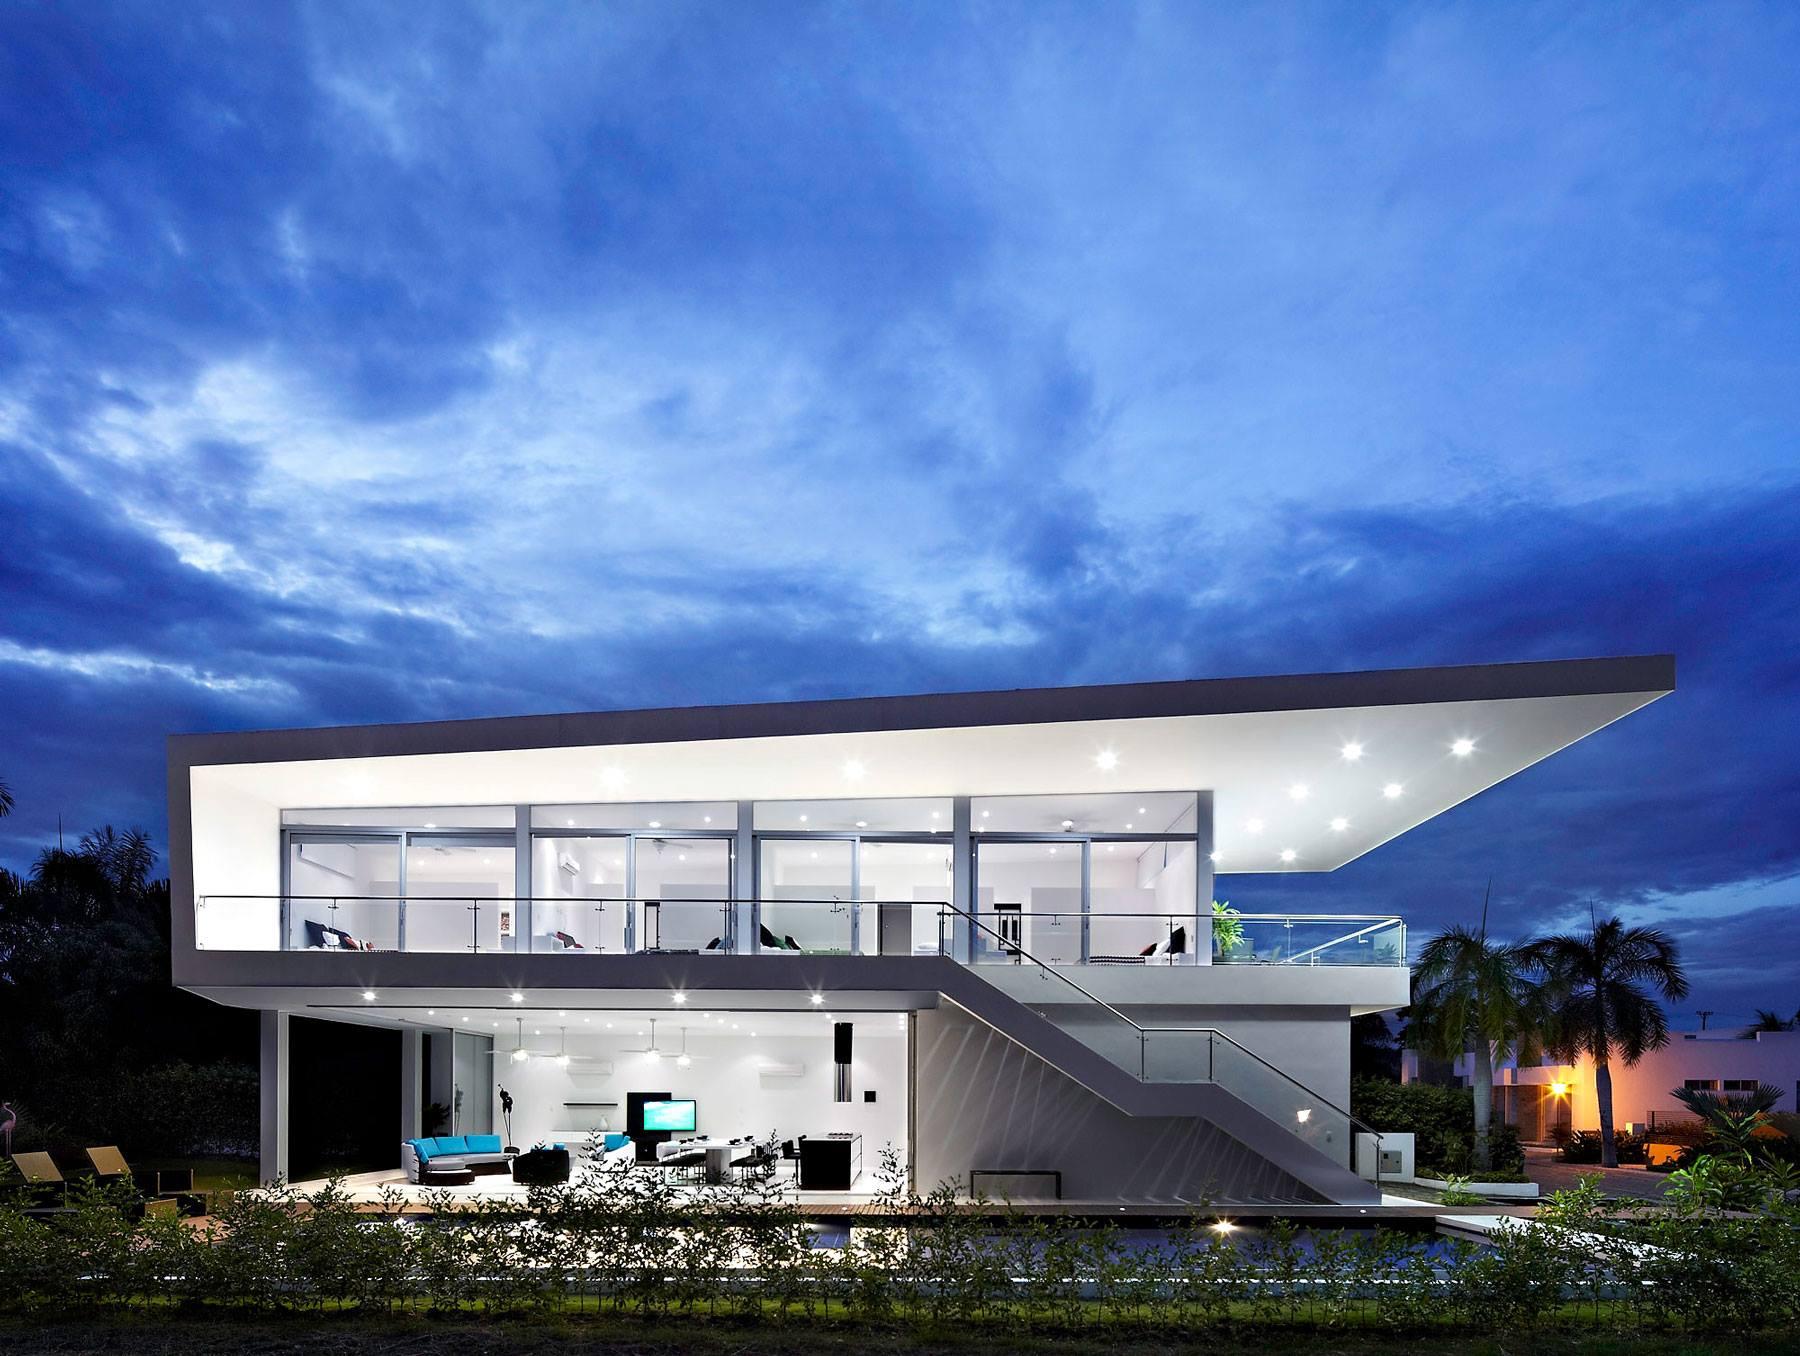 Creative Architecture2